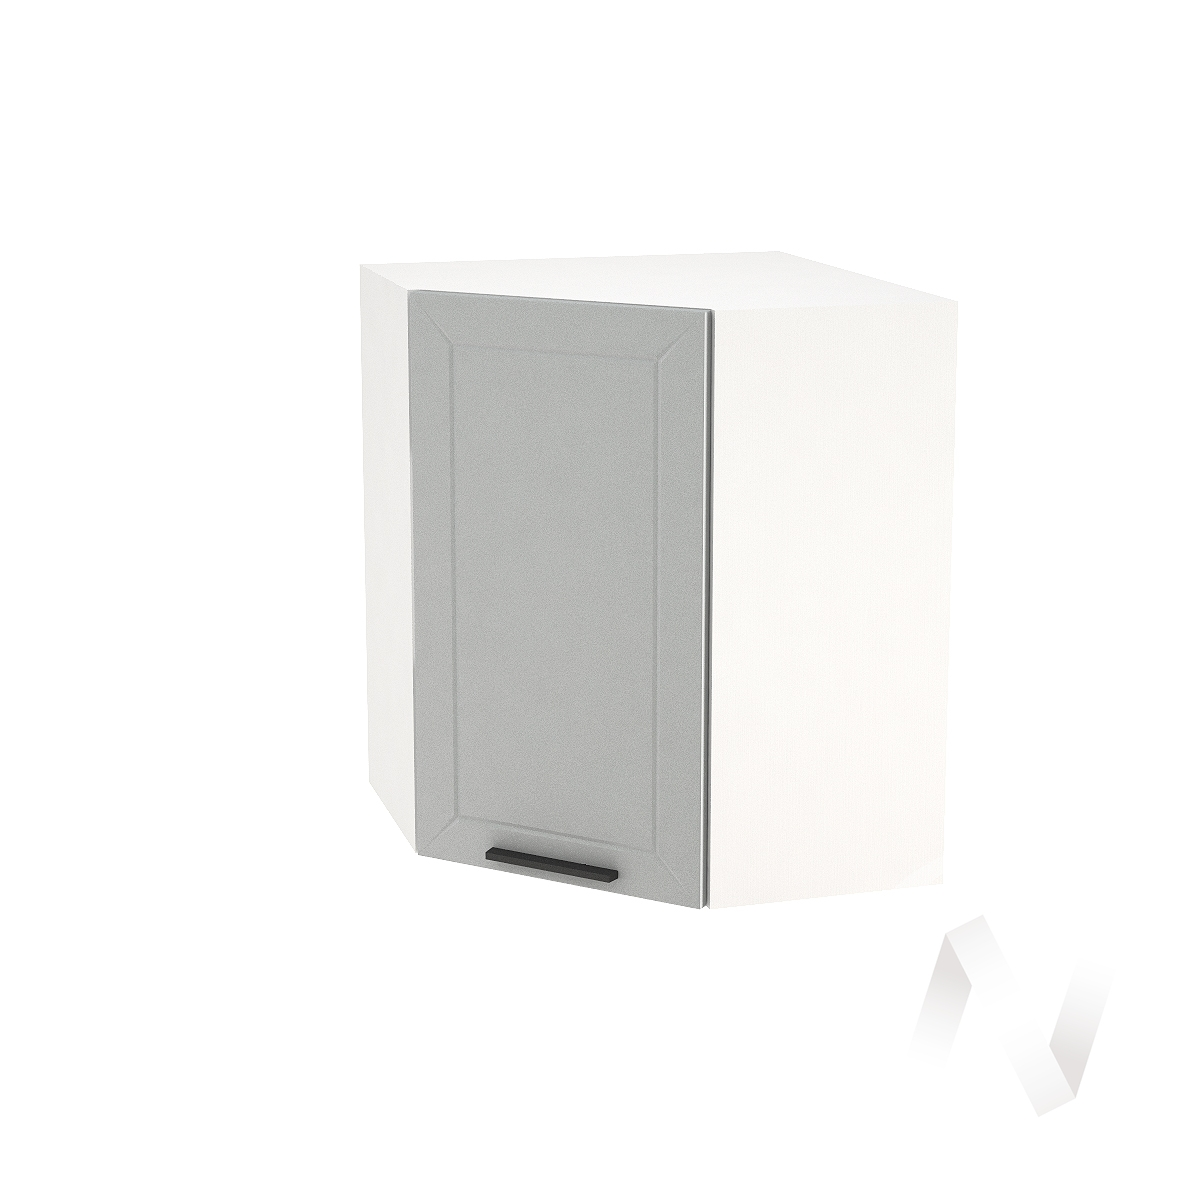 """Кухня """"Глетчер"""": Шкаф верхний угловой 590, ШВУ 590 (Гейнсборо Силк/корпус белый)"""